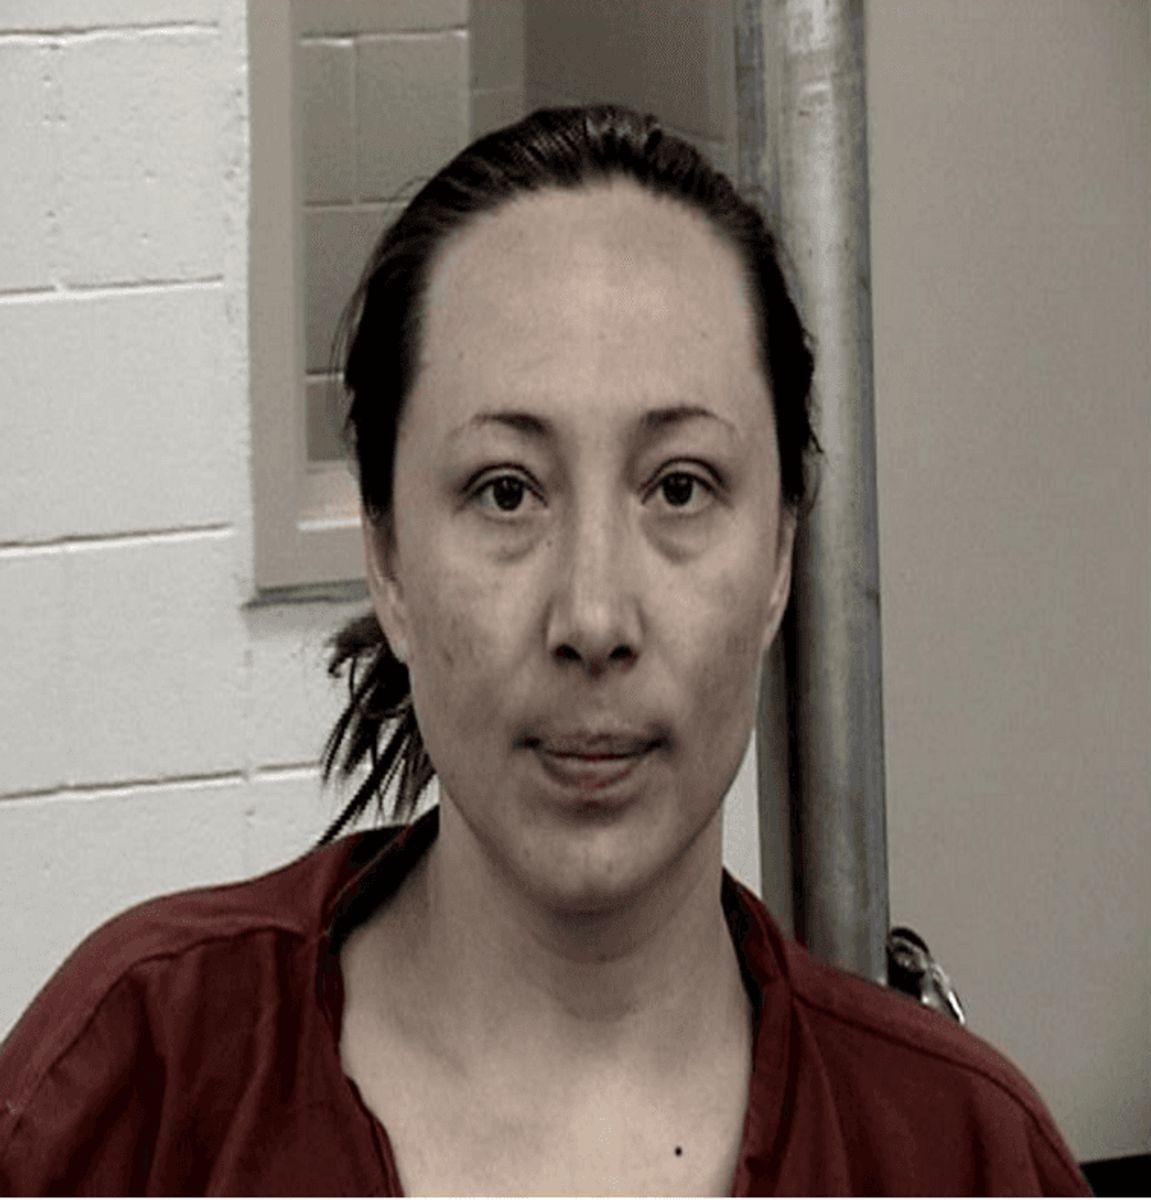 Fabian Gonzales kusine Jessica Kelley var med til at torture og myrde den lille pige. Foto: Bernalillo County Metropolitan Detention Center